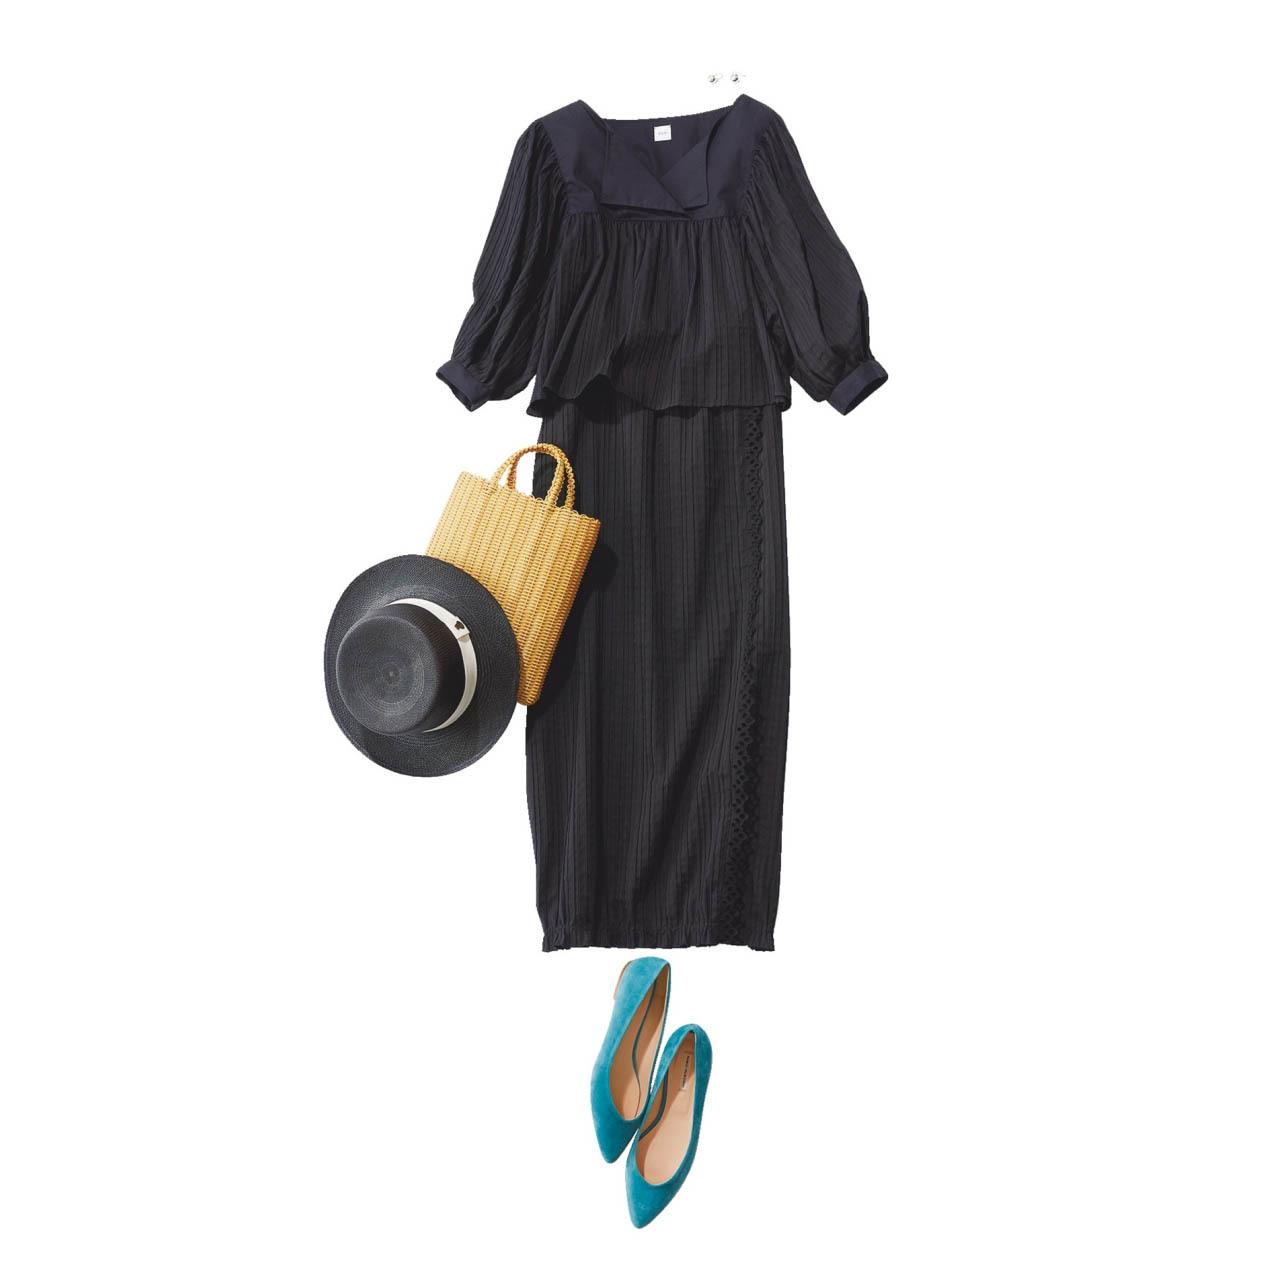 ■帽子×ブラウスとスカートのセットアップコーデ